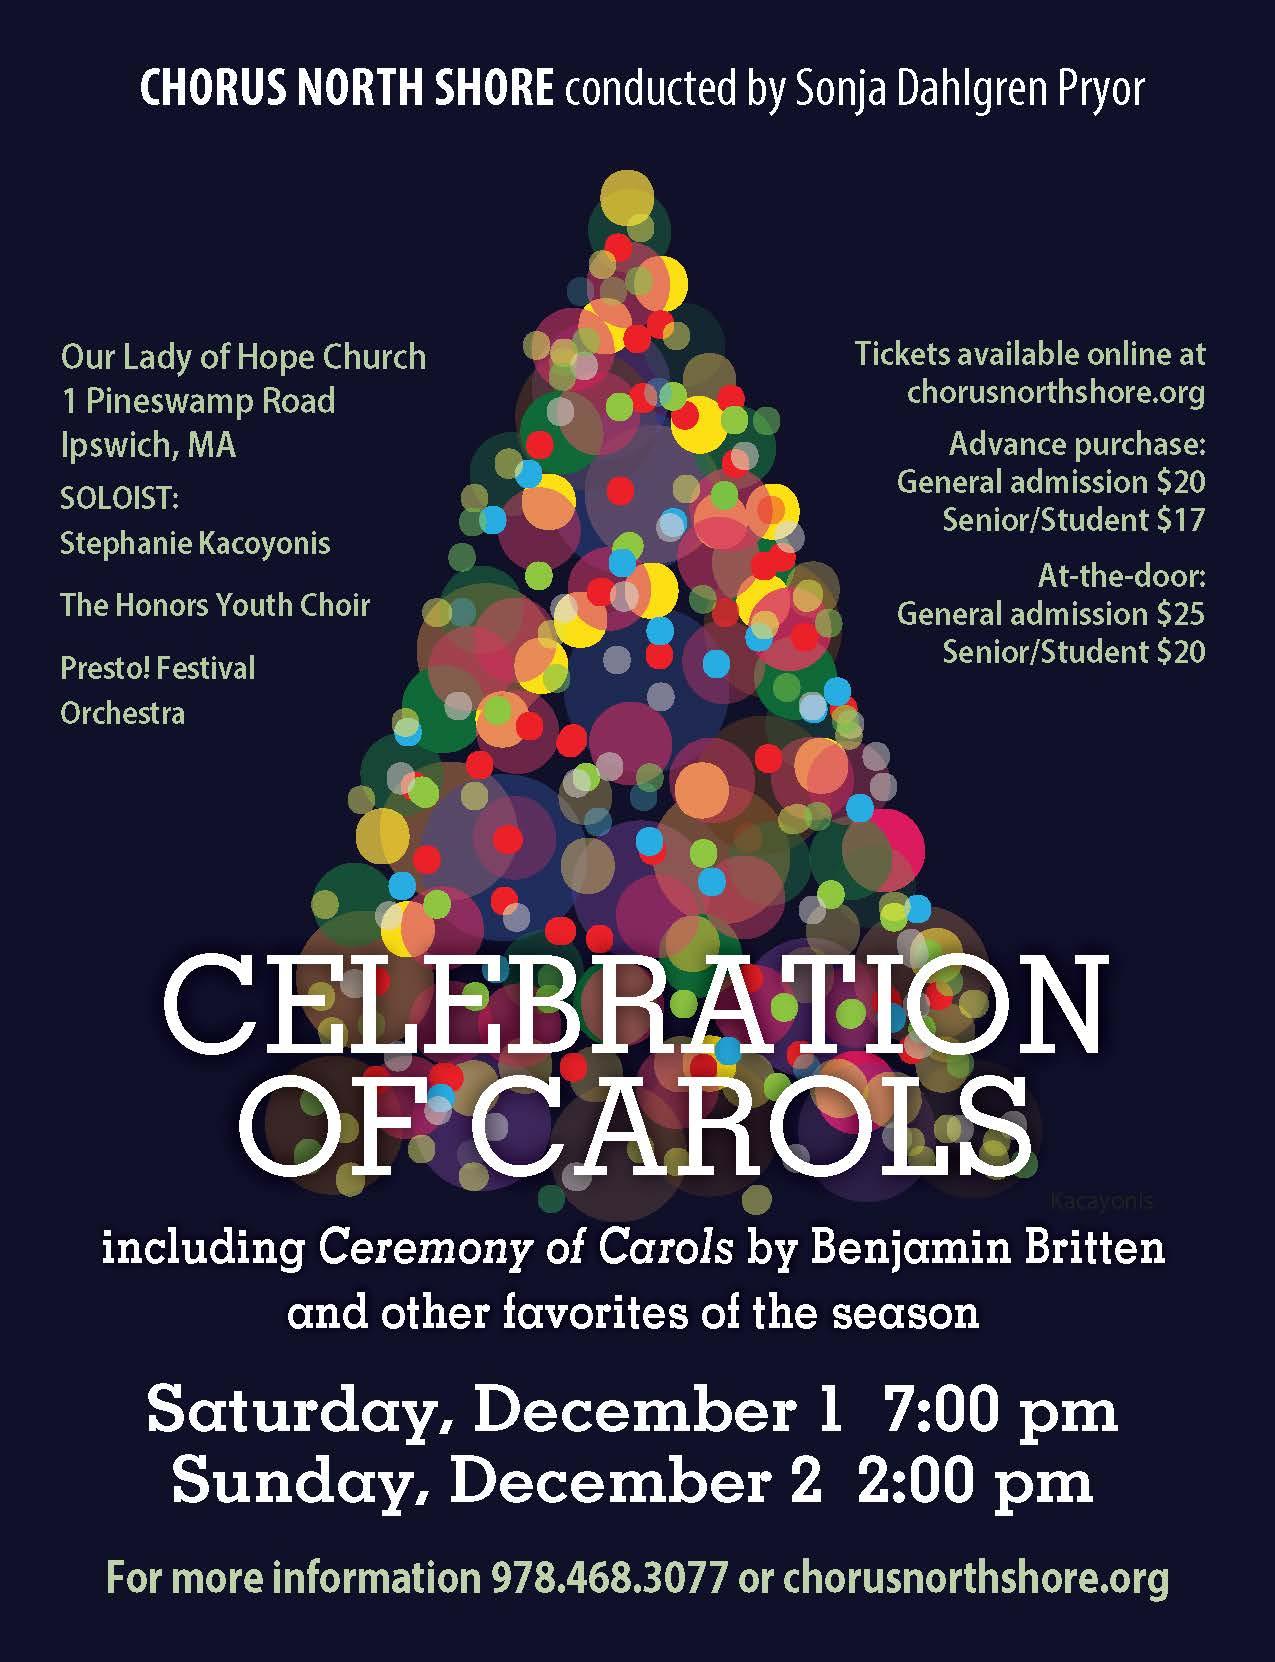 Celebration of Carols